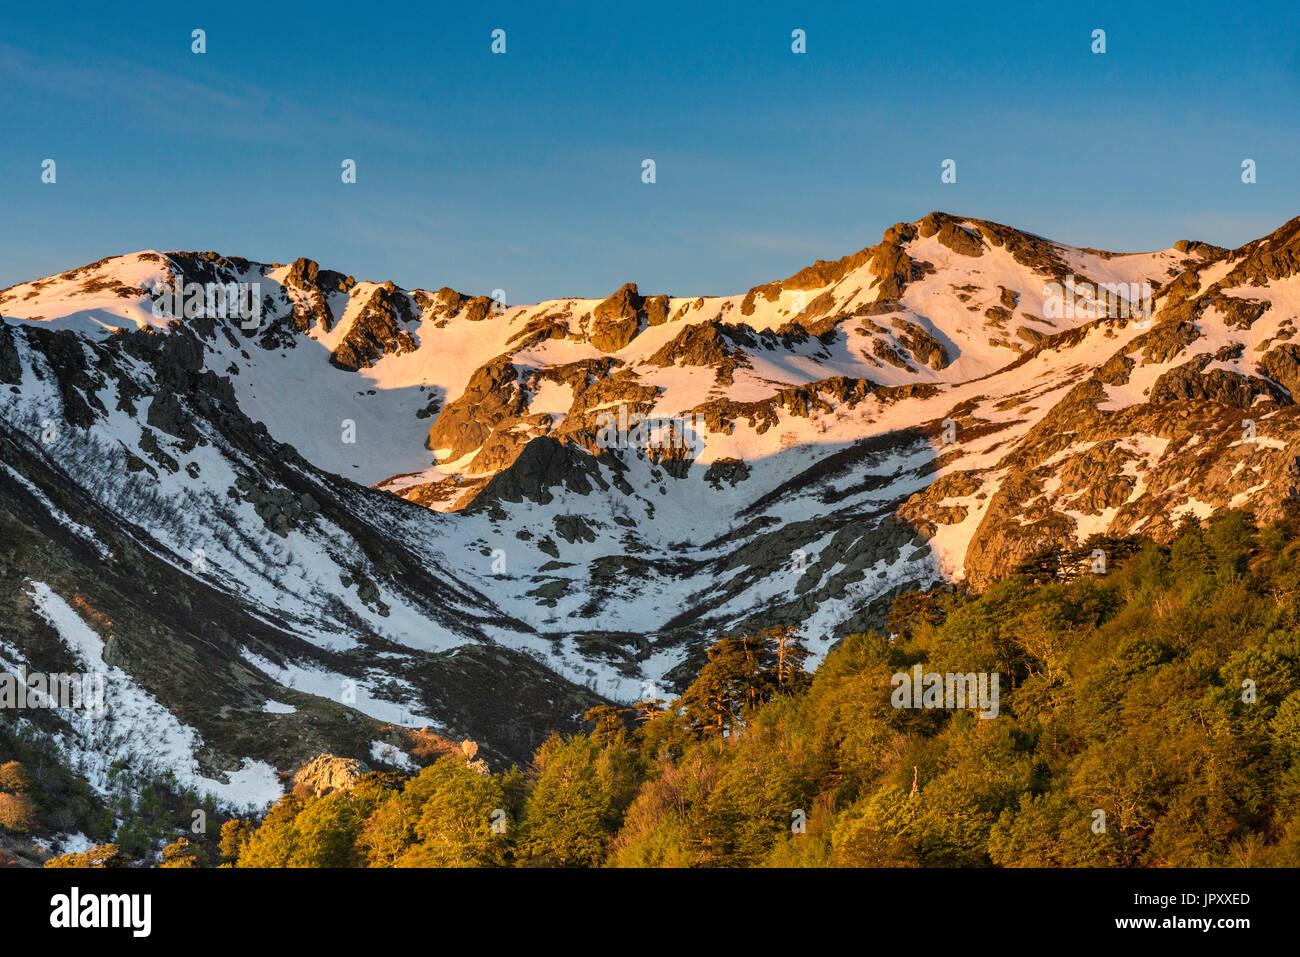 Monte Renoso massiccio, all'alba, GR 20 sentiero vicino Capannelle baita di montagna, Haute-Corse reparto, Corsica, Francia Immagini Stock